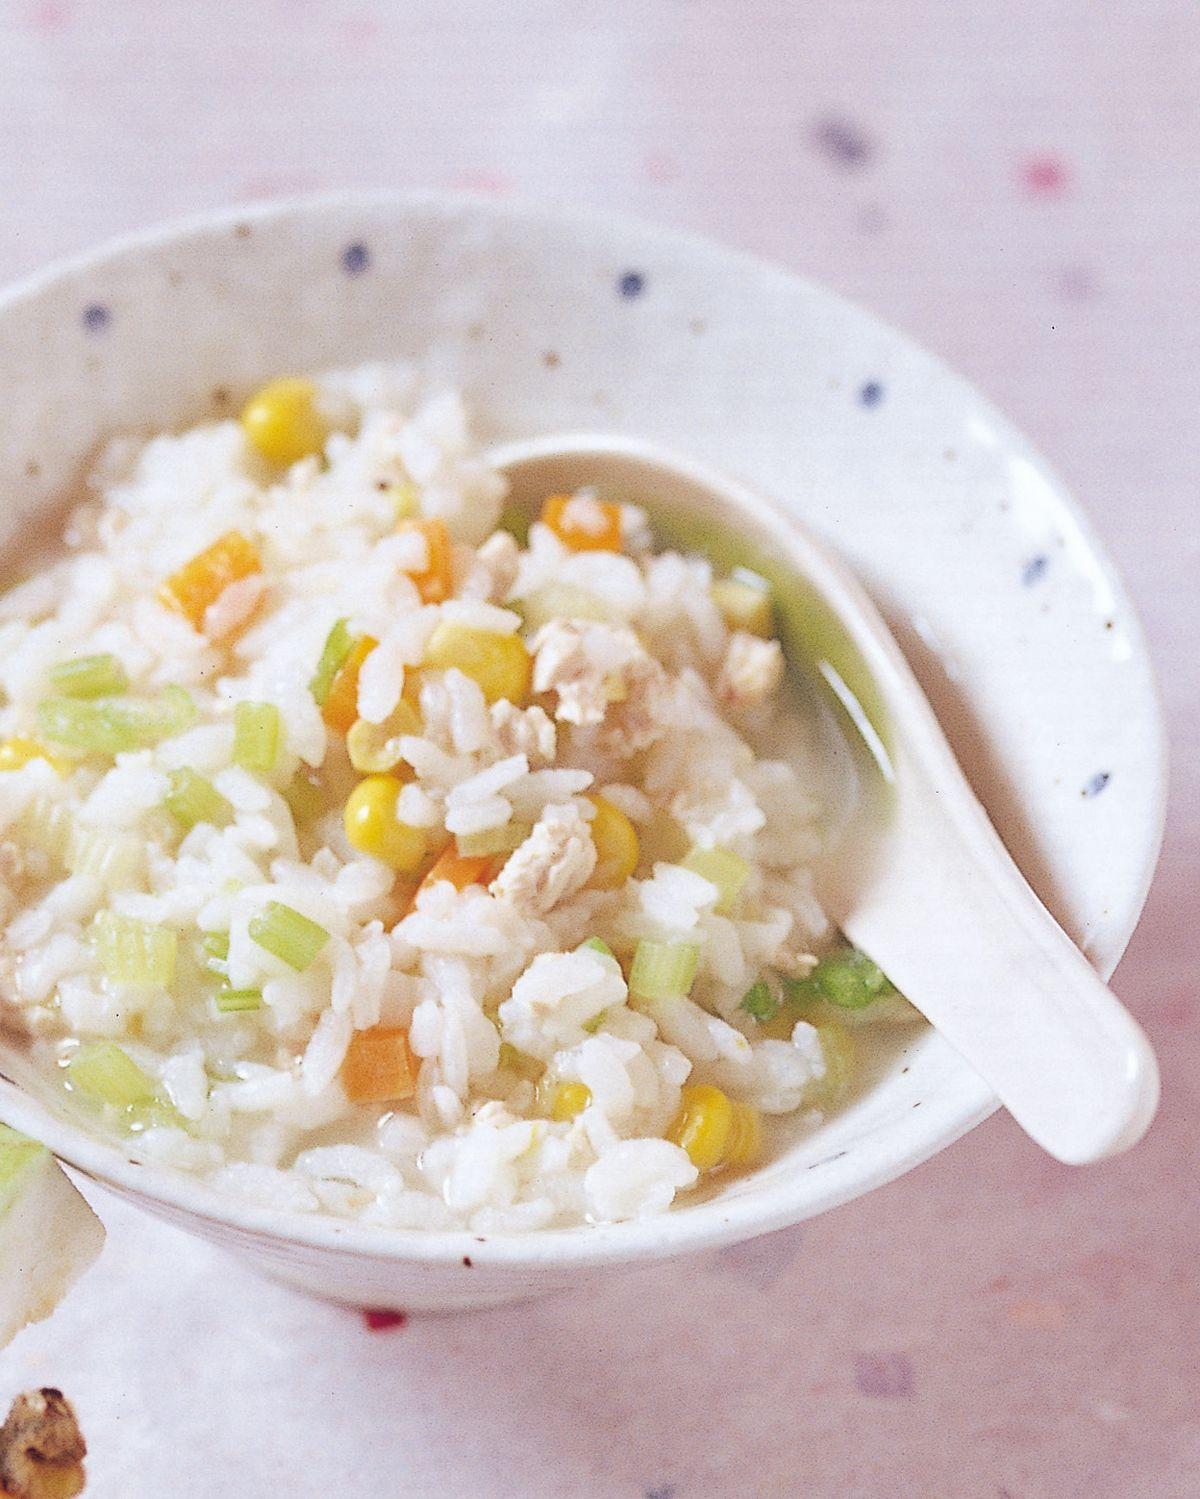 食譜:雞蓉玉米粥